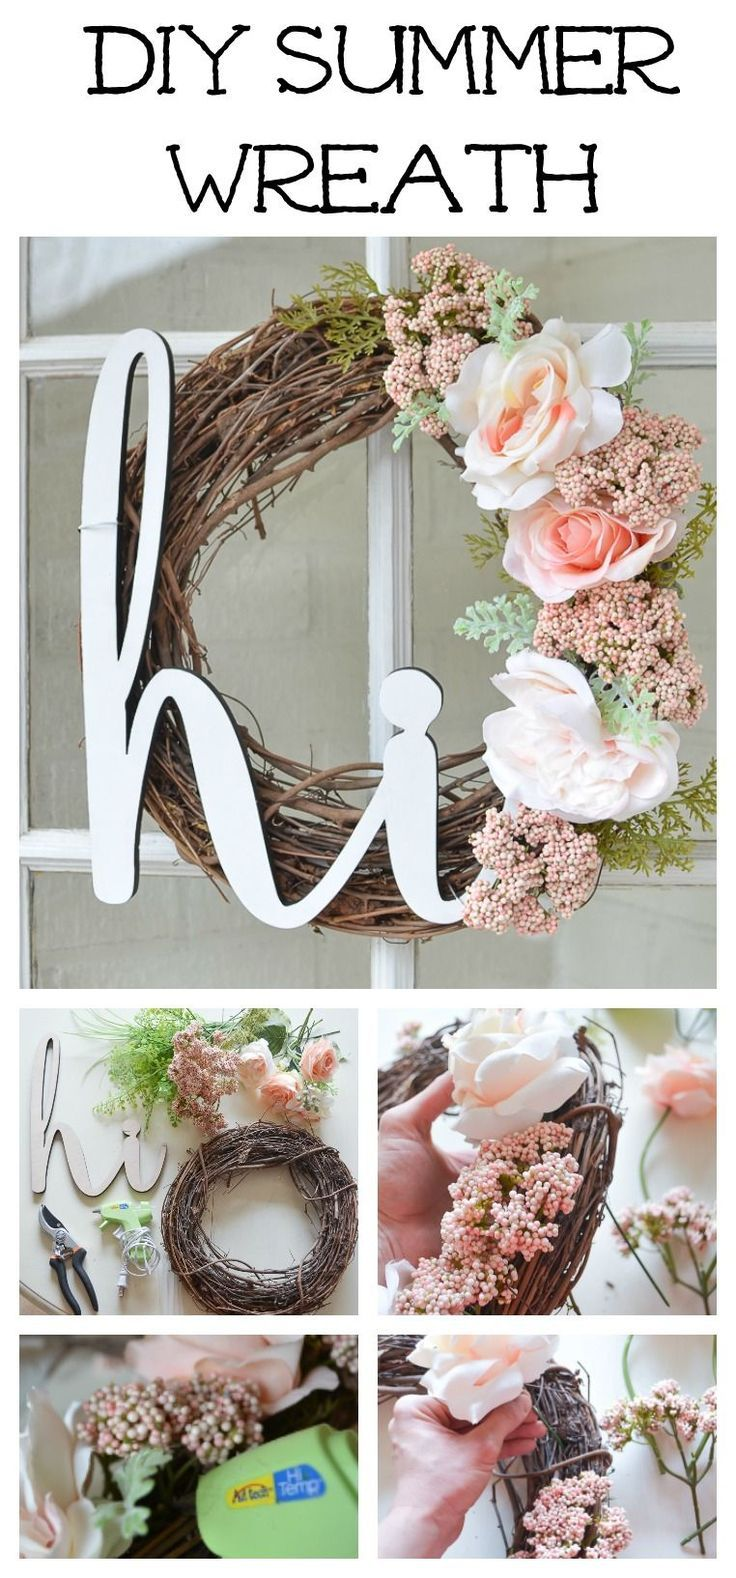 Diy Summer Wreath For Your Front Porch Summer Diy Wreaths Diy Door